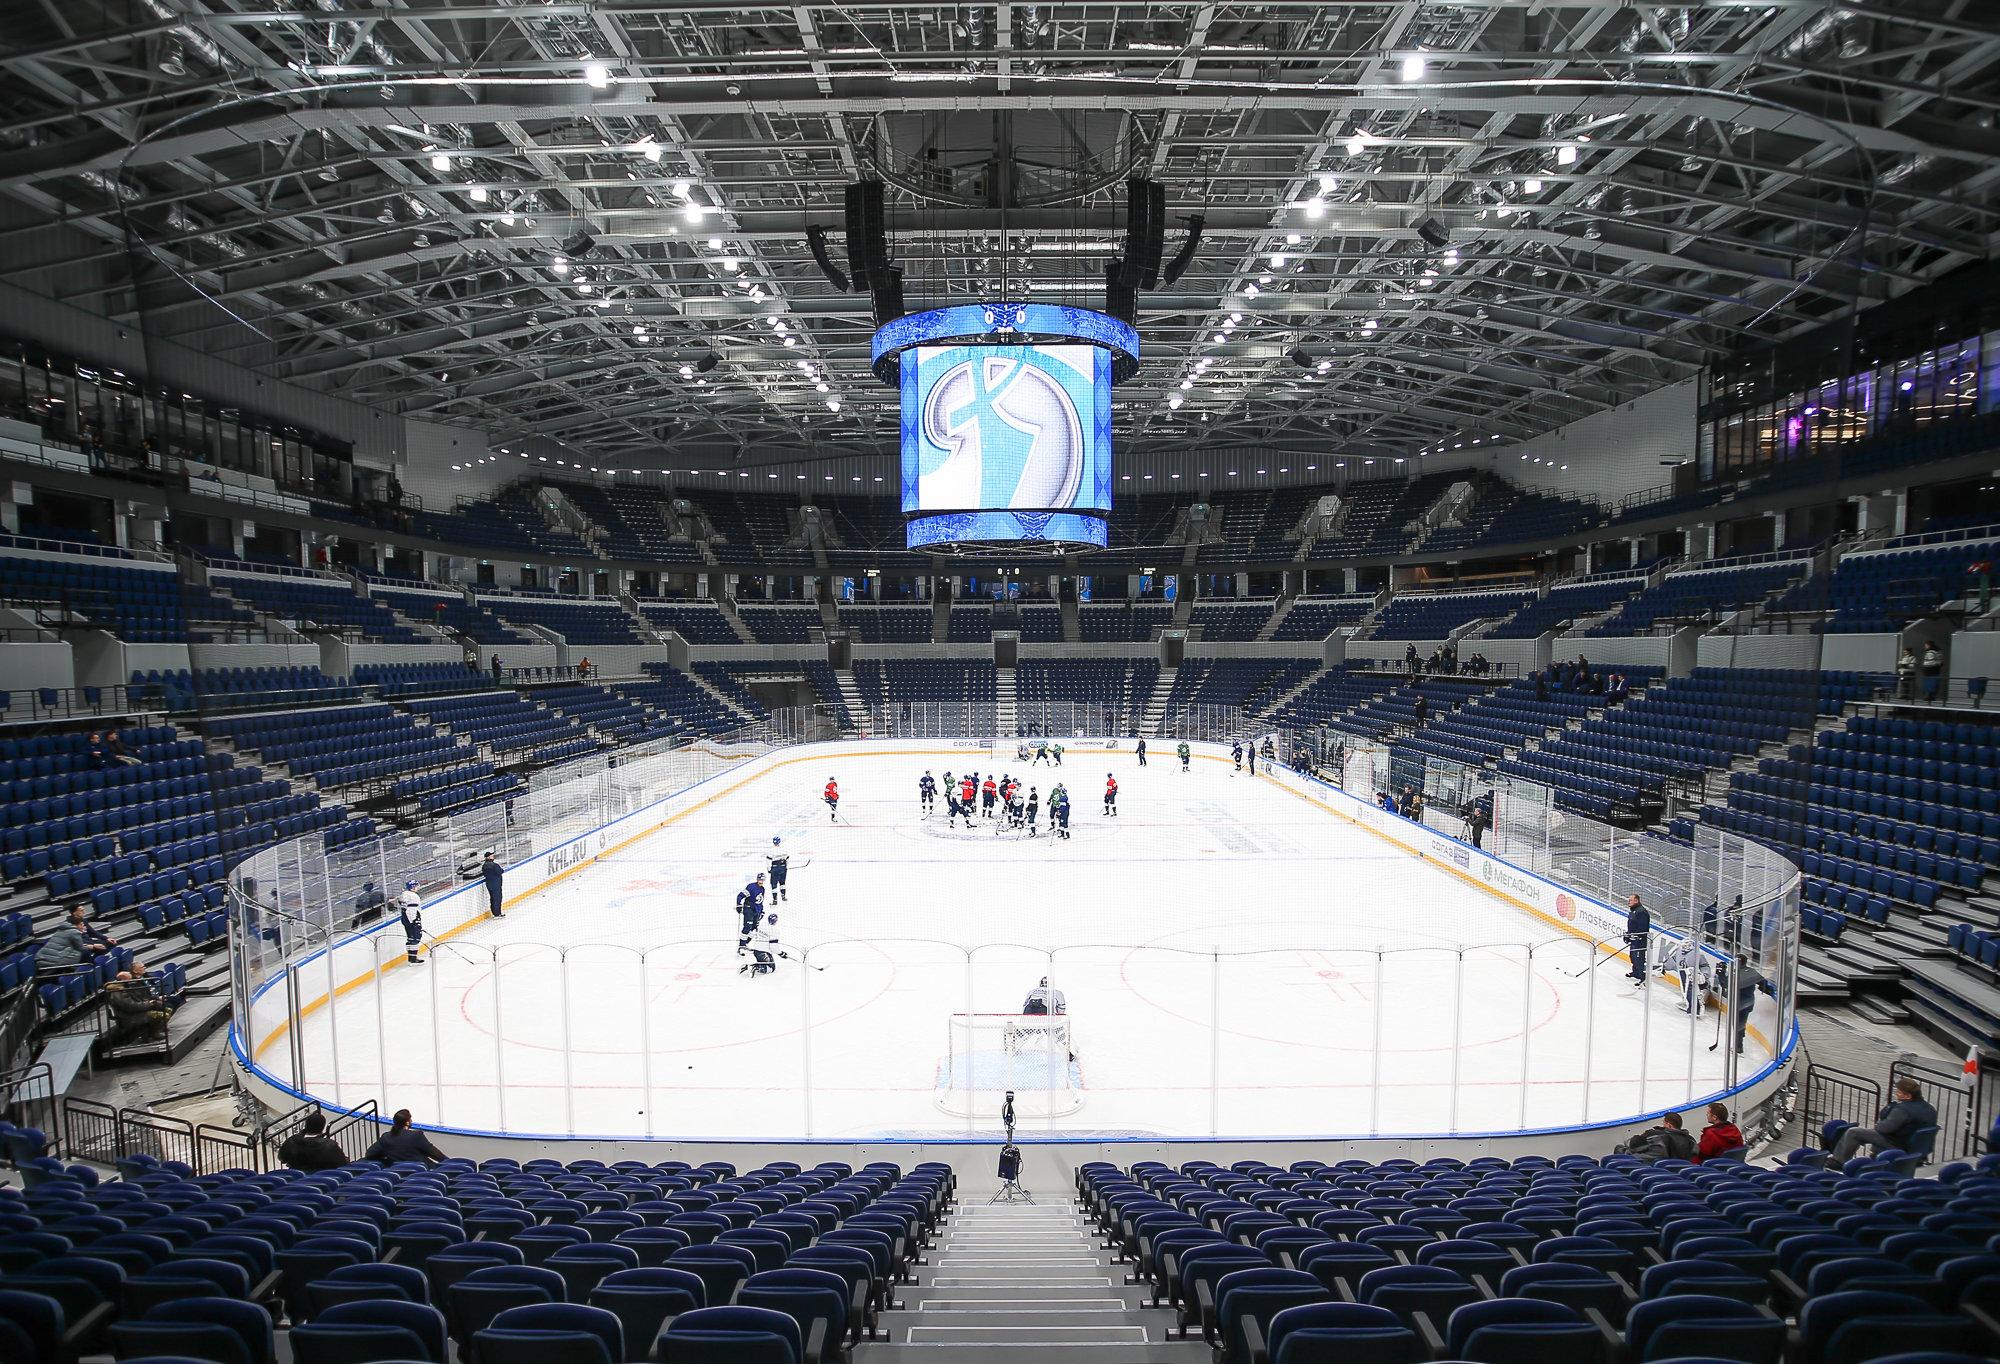 Стадион динамо москва хоккейный клуб отели с ночным клубом в москве